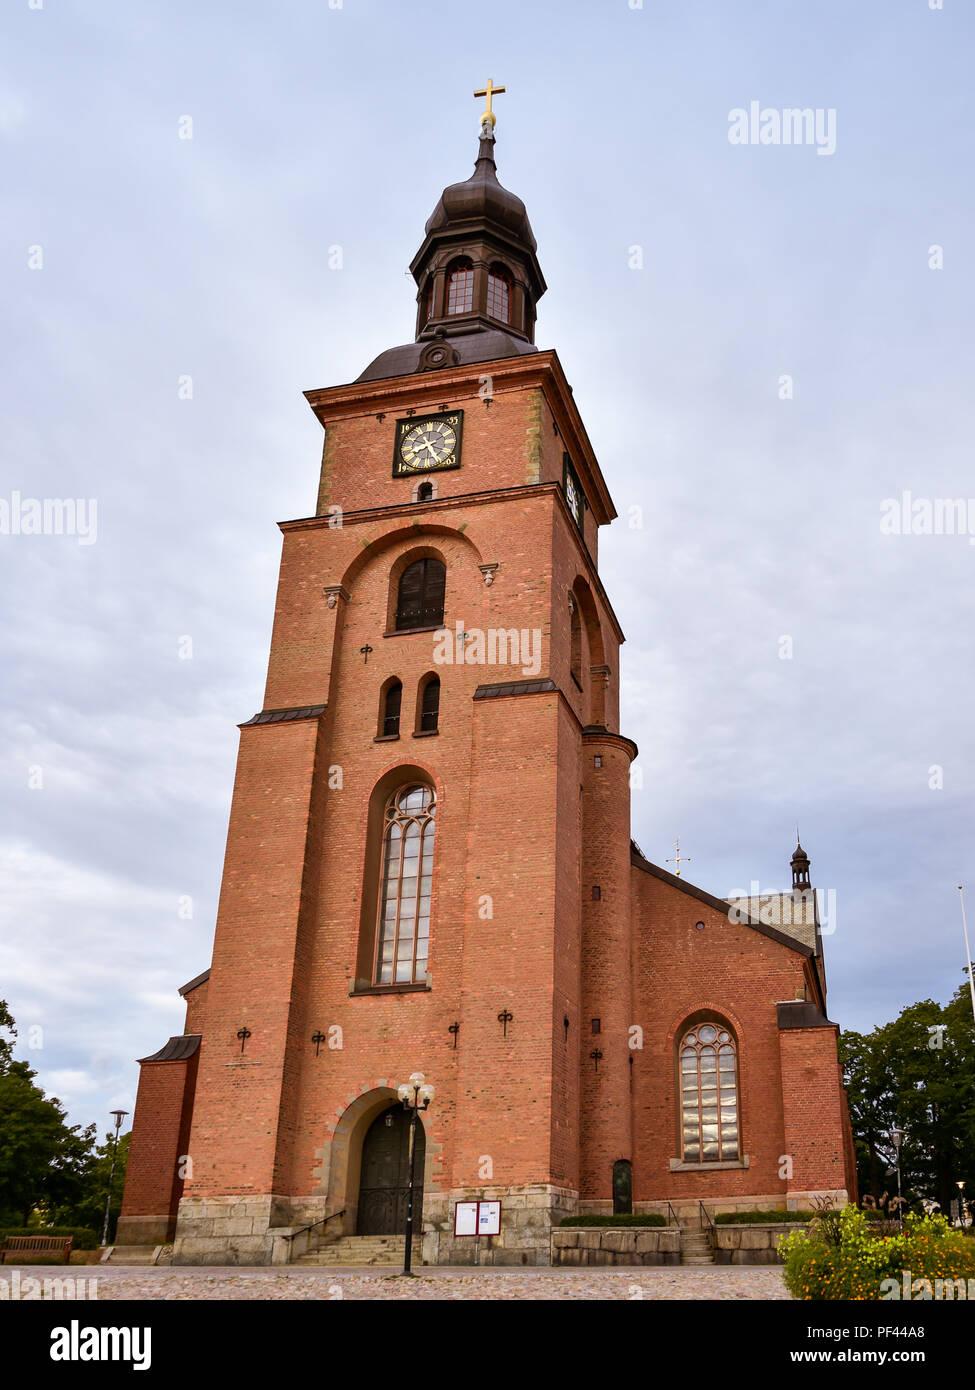 Skoglund - Public Member Photos & Scanned - Ancestry